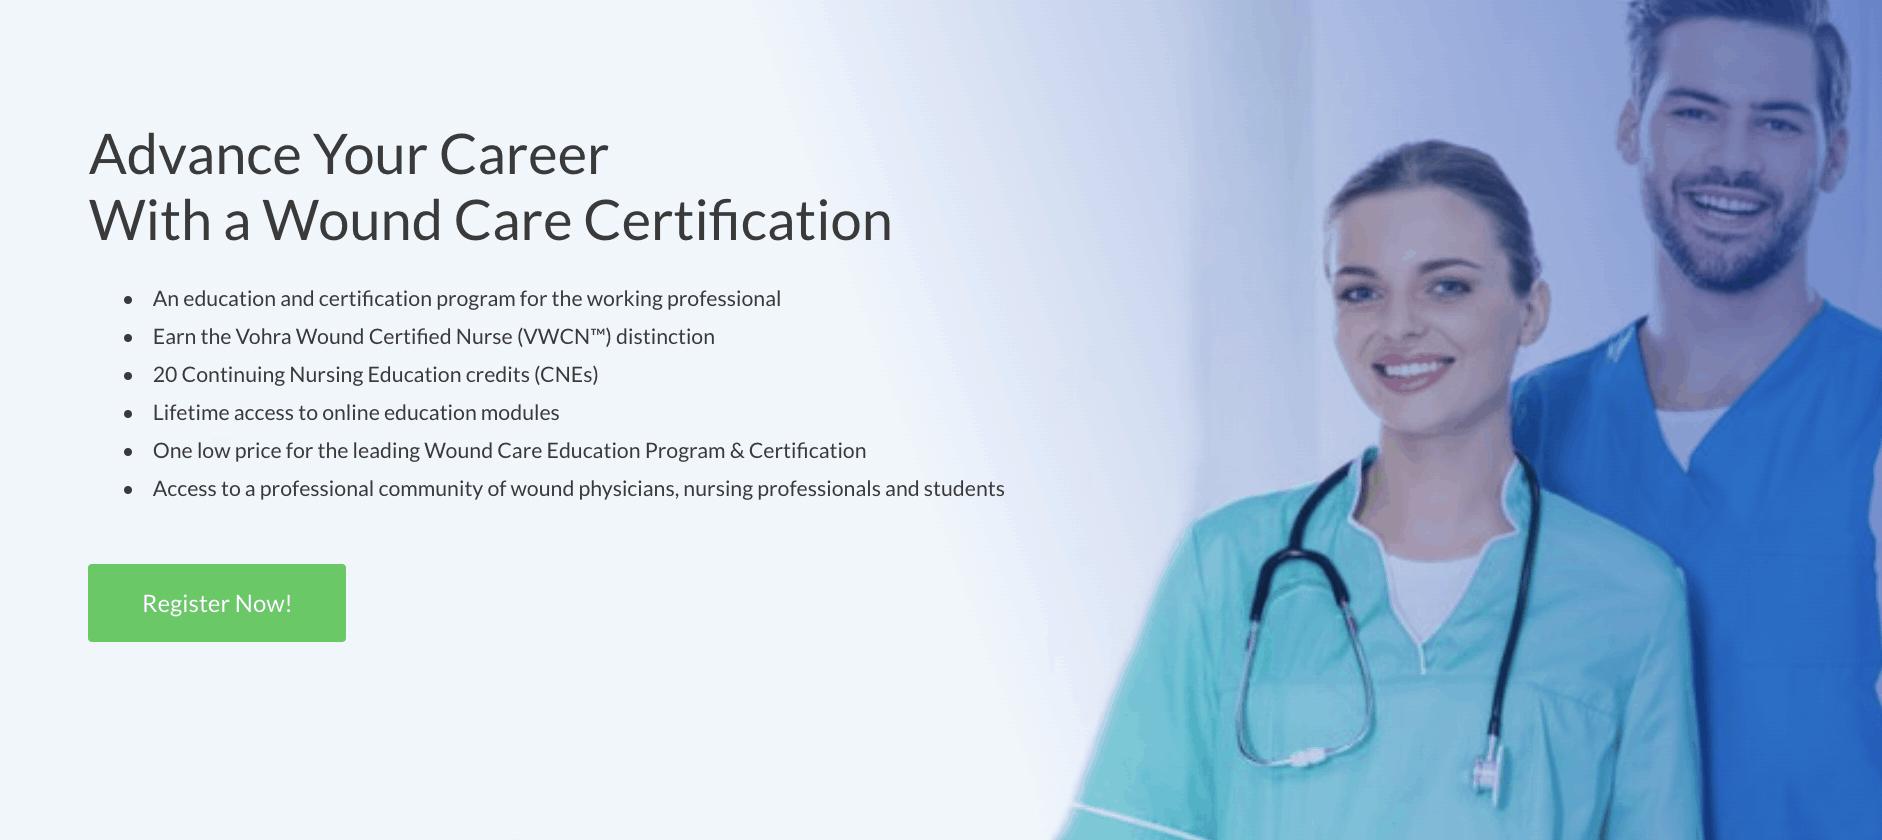 Vohra Wound Care Nurse Certification - become a wound care nurse